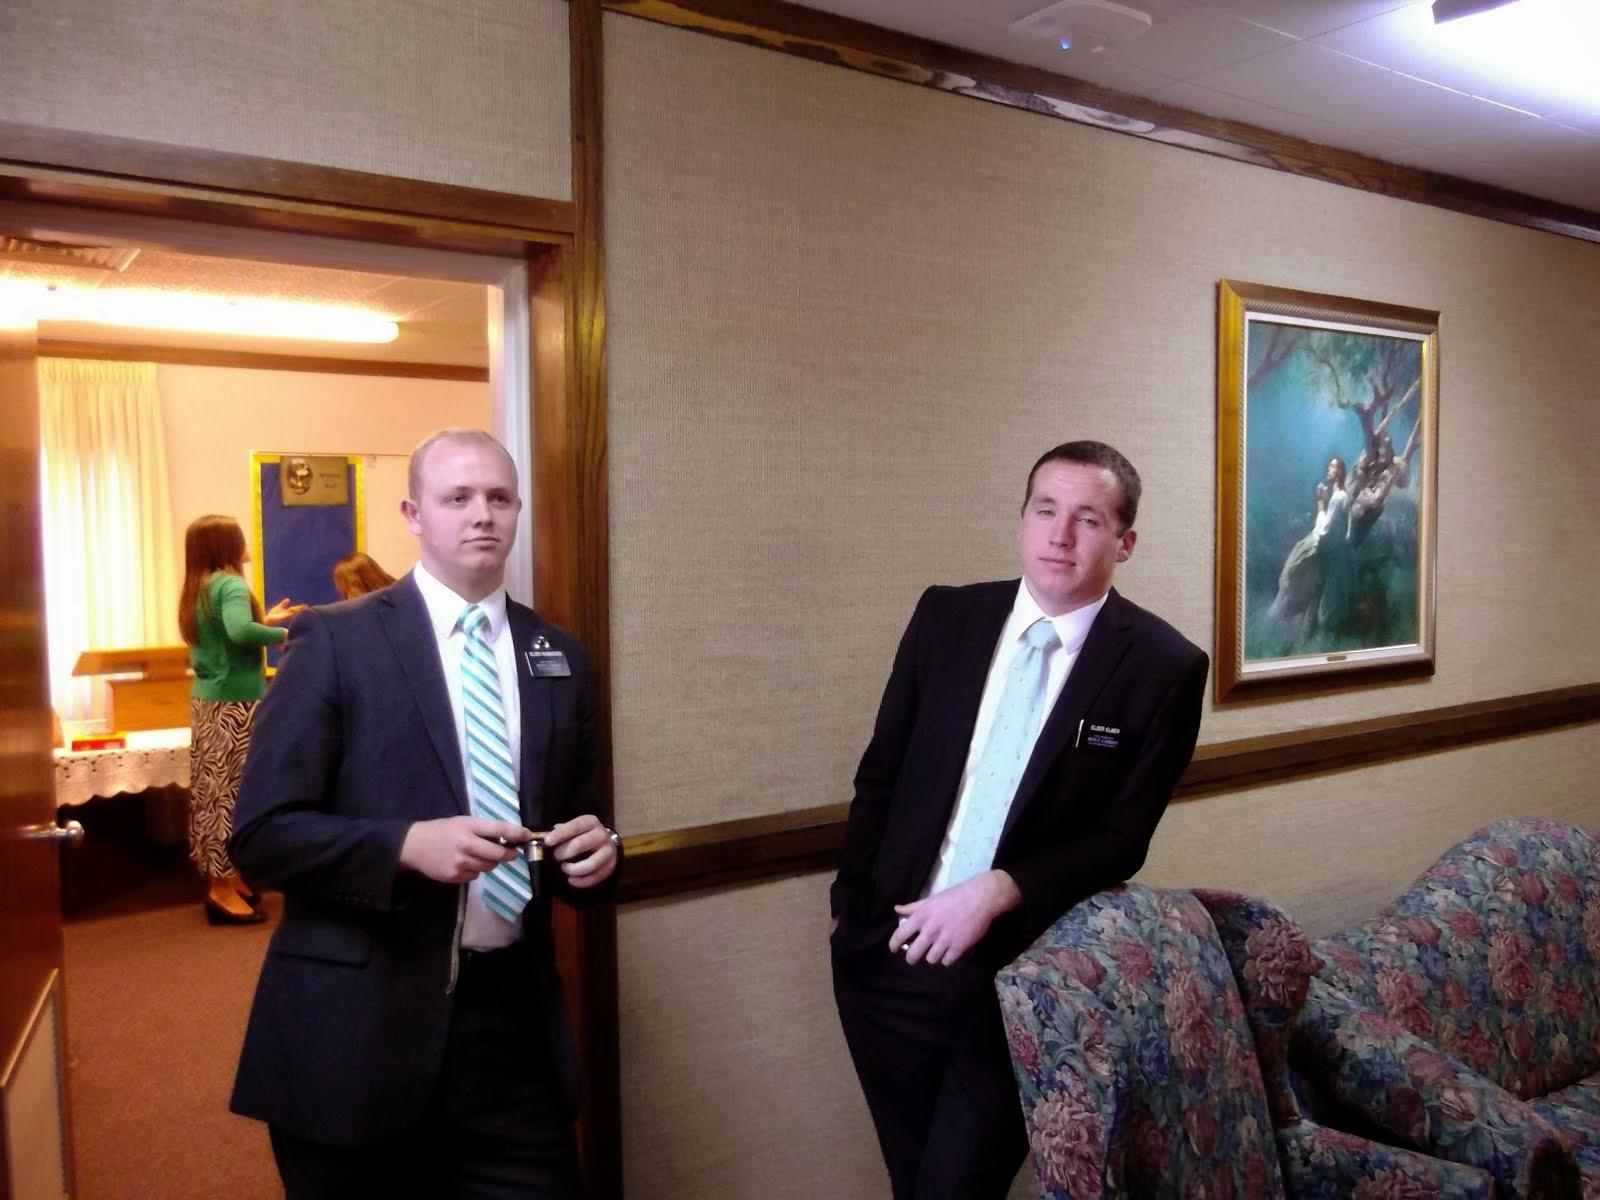 Elder Rasmussen & Elder Elmer